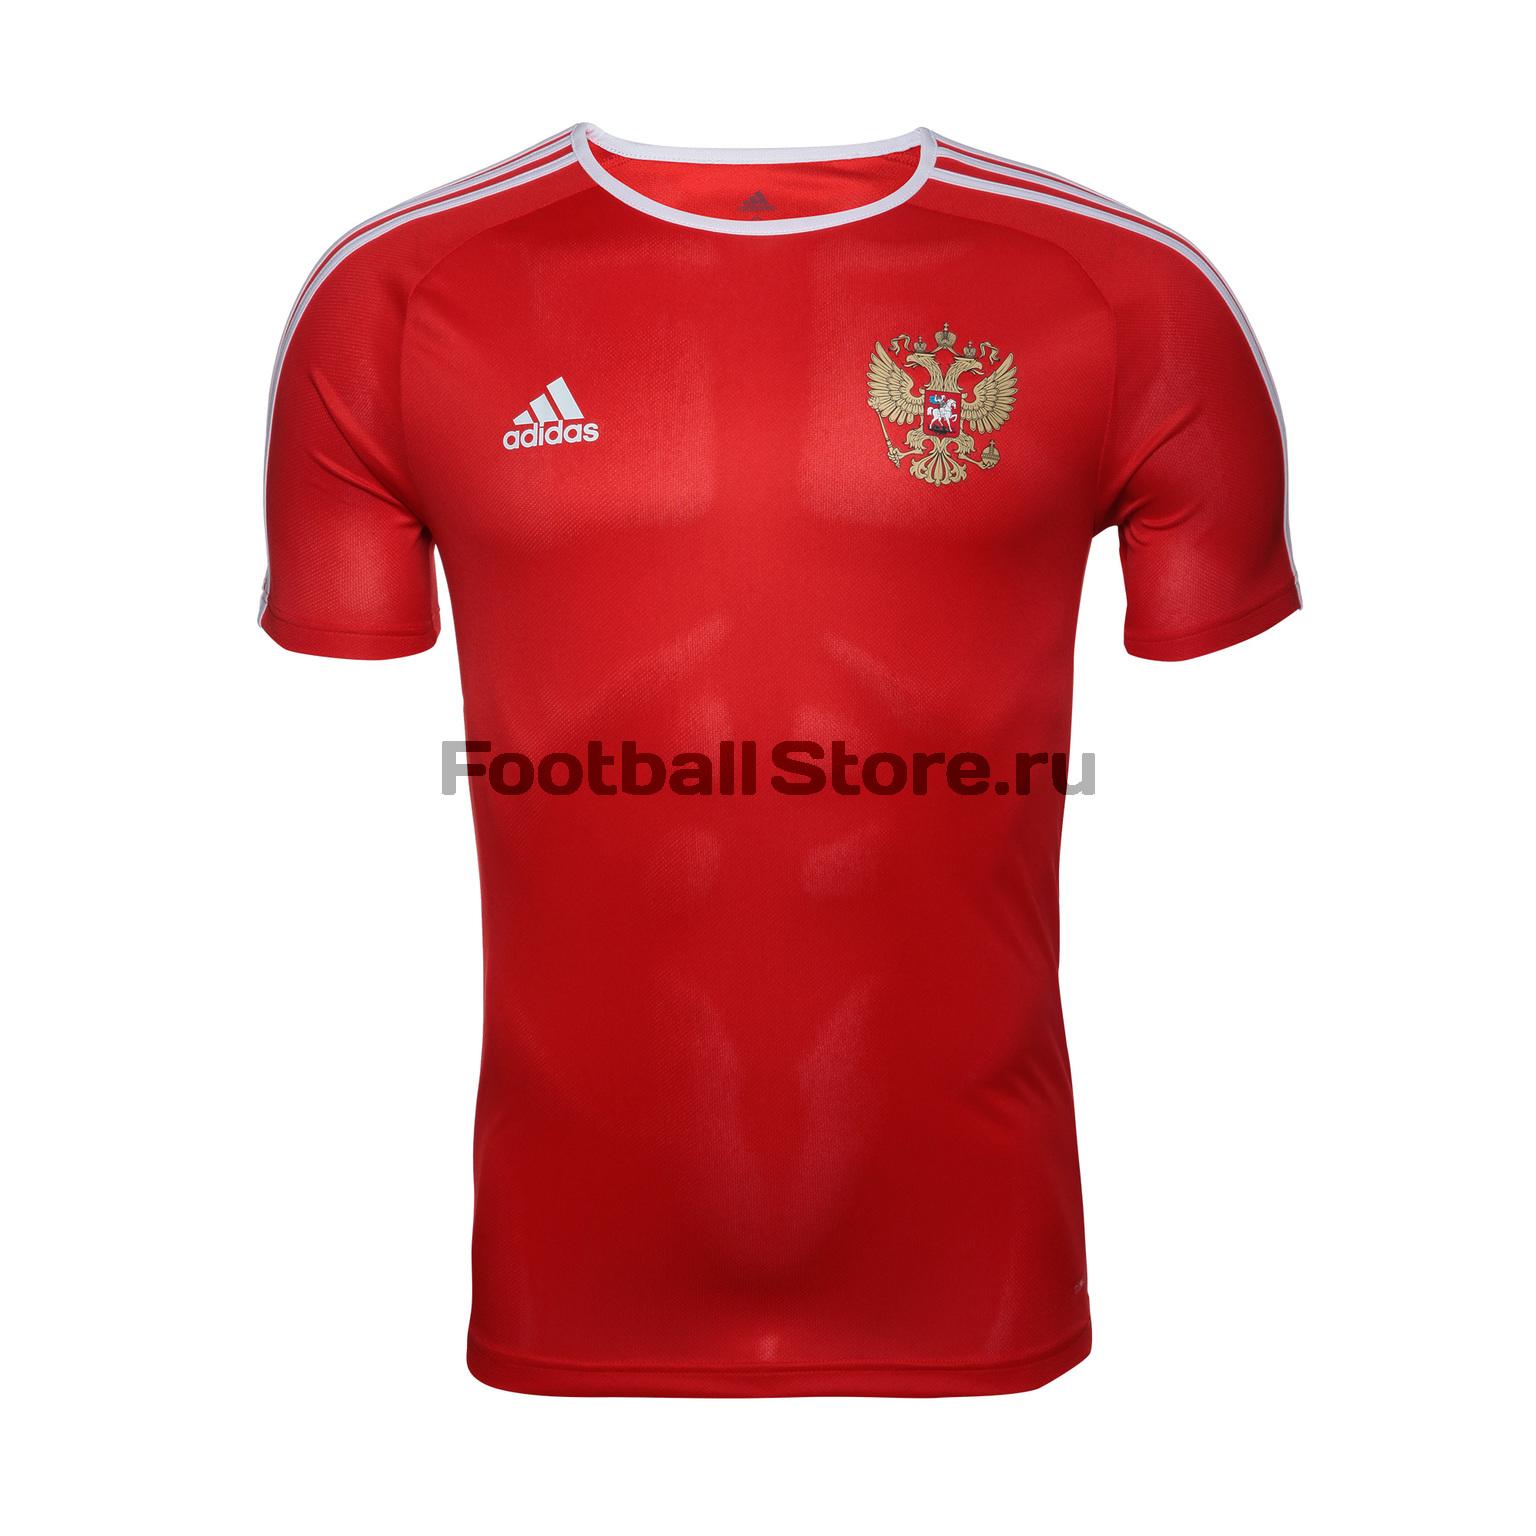 Домашняя футболка Adidas болельщика сборной России CE8512